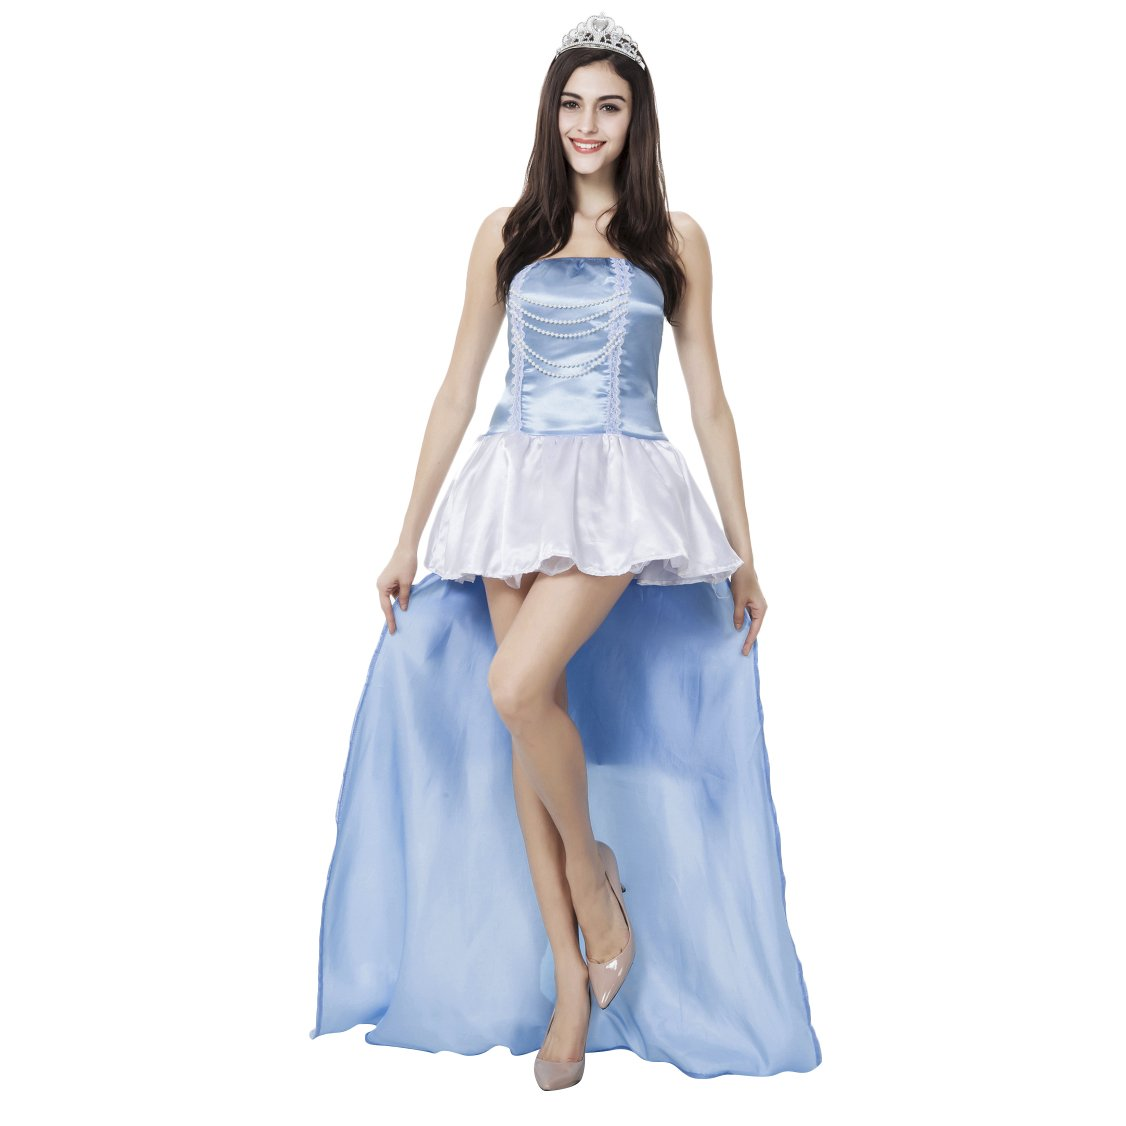 VENI MASEE Prinzessin Dress Halloween Kostüm Frauen, einschließlich der Kopfbedeckung und Handschuhe R-G-2HLW-1203